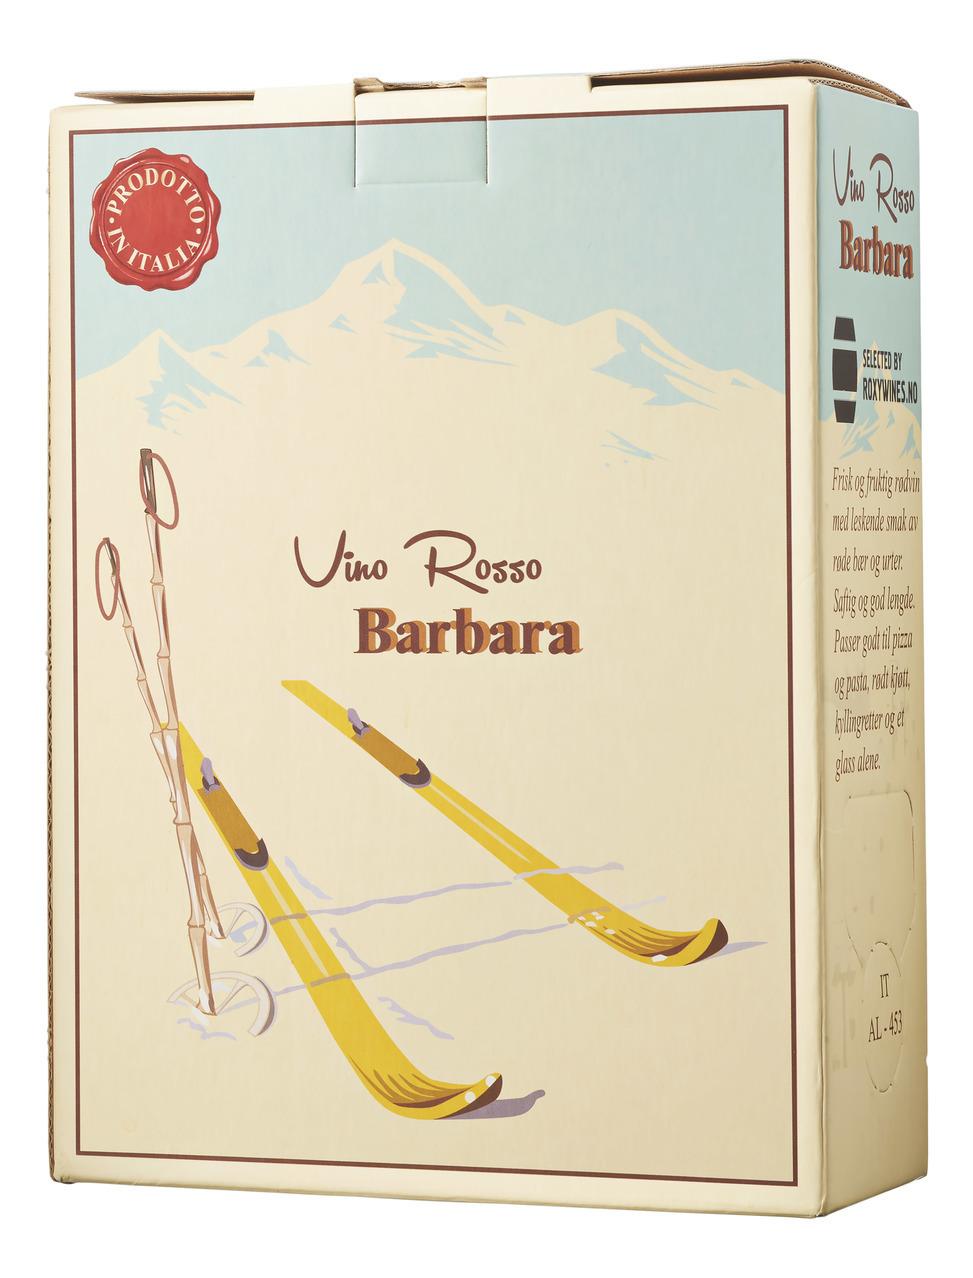 Barbara Vino Rosso